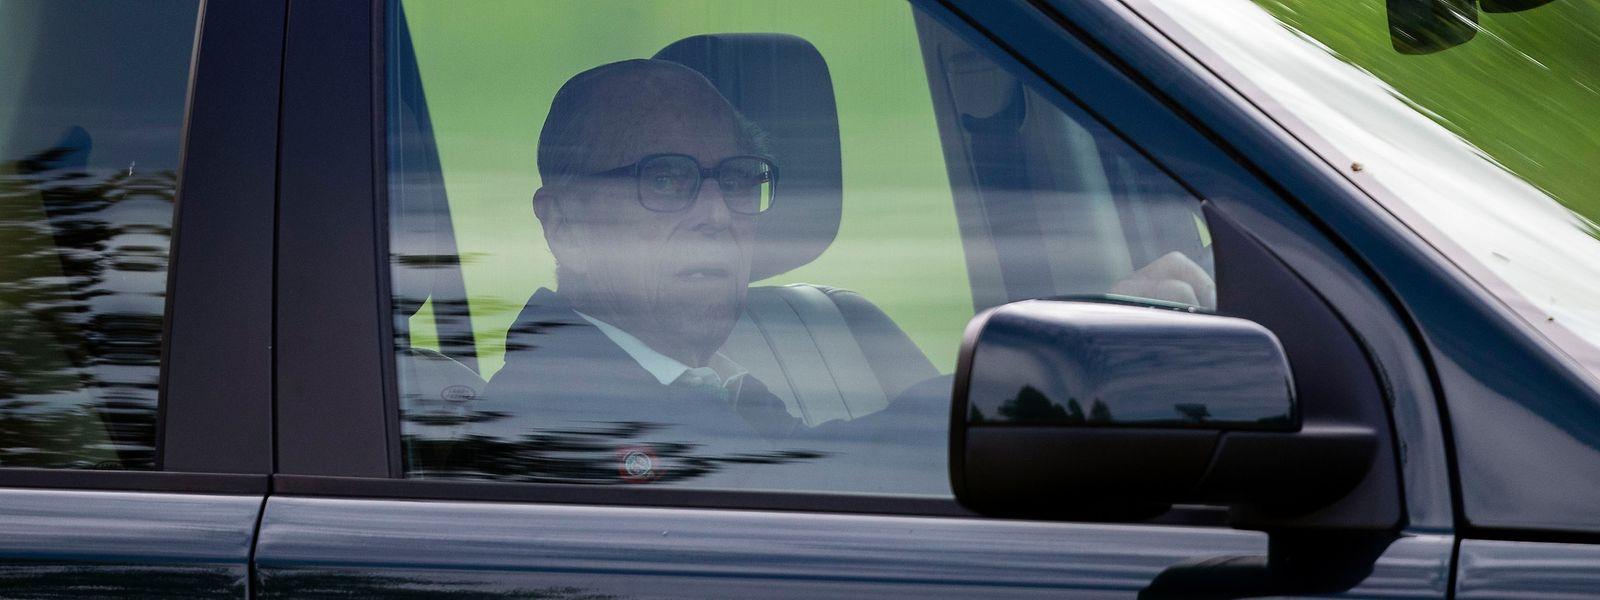 Der Ehemann der Queen war am Donnerstagnachmittag (17.01.2019) in einen Verkehrsunfall verwickelt.